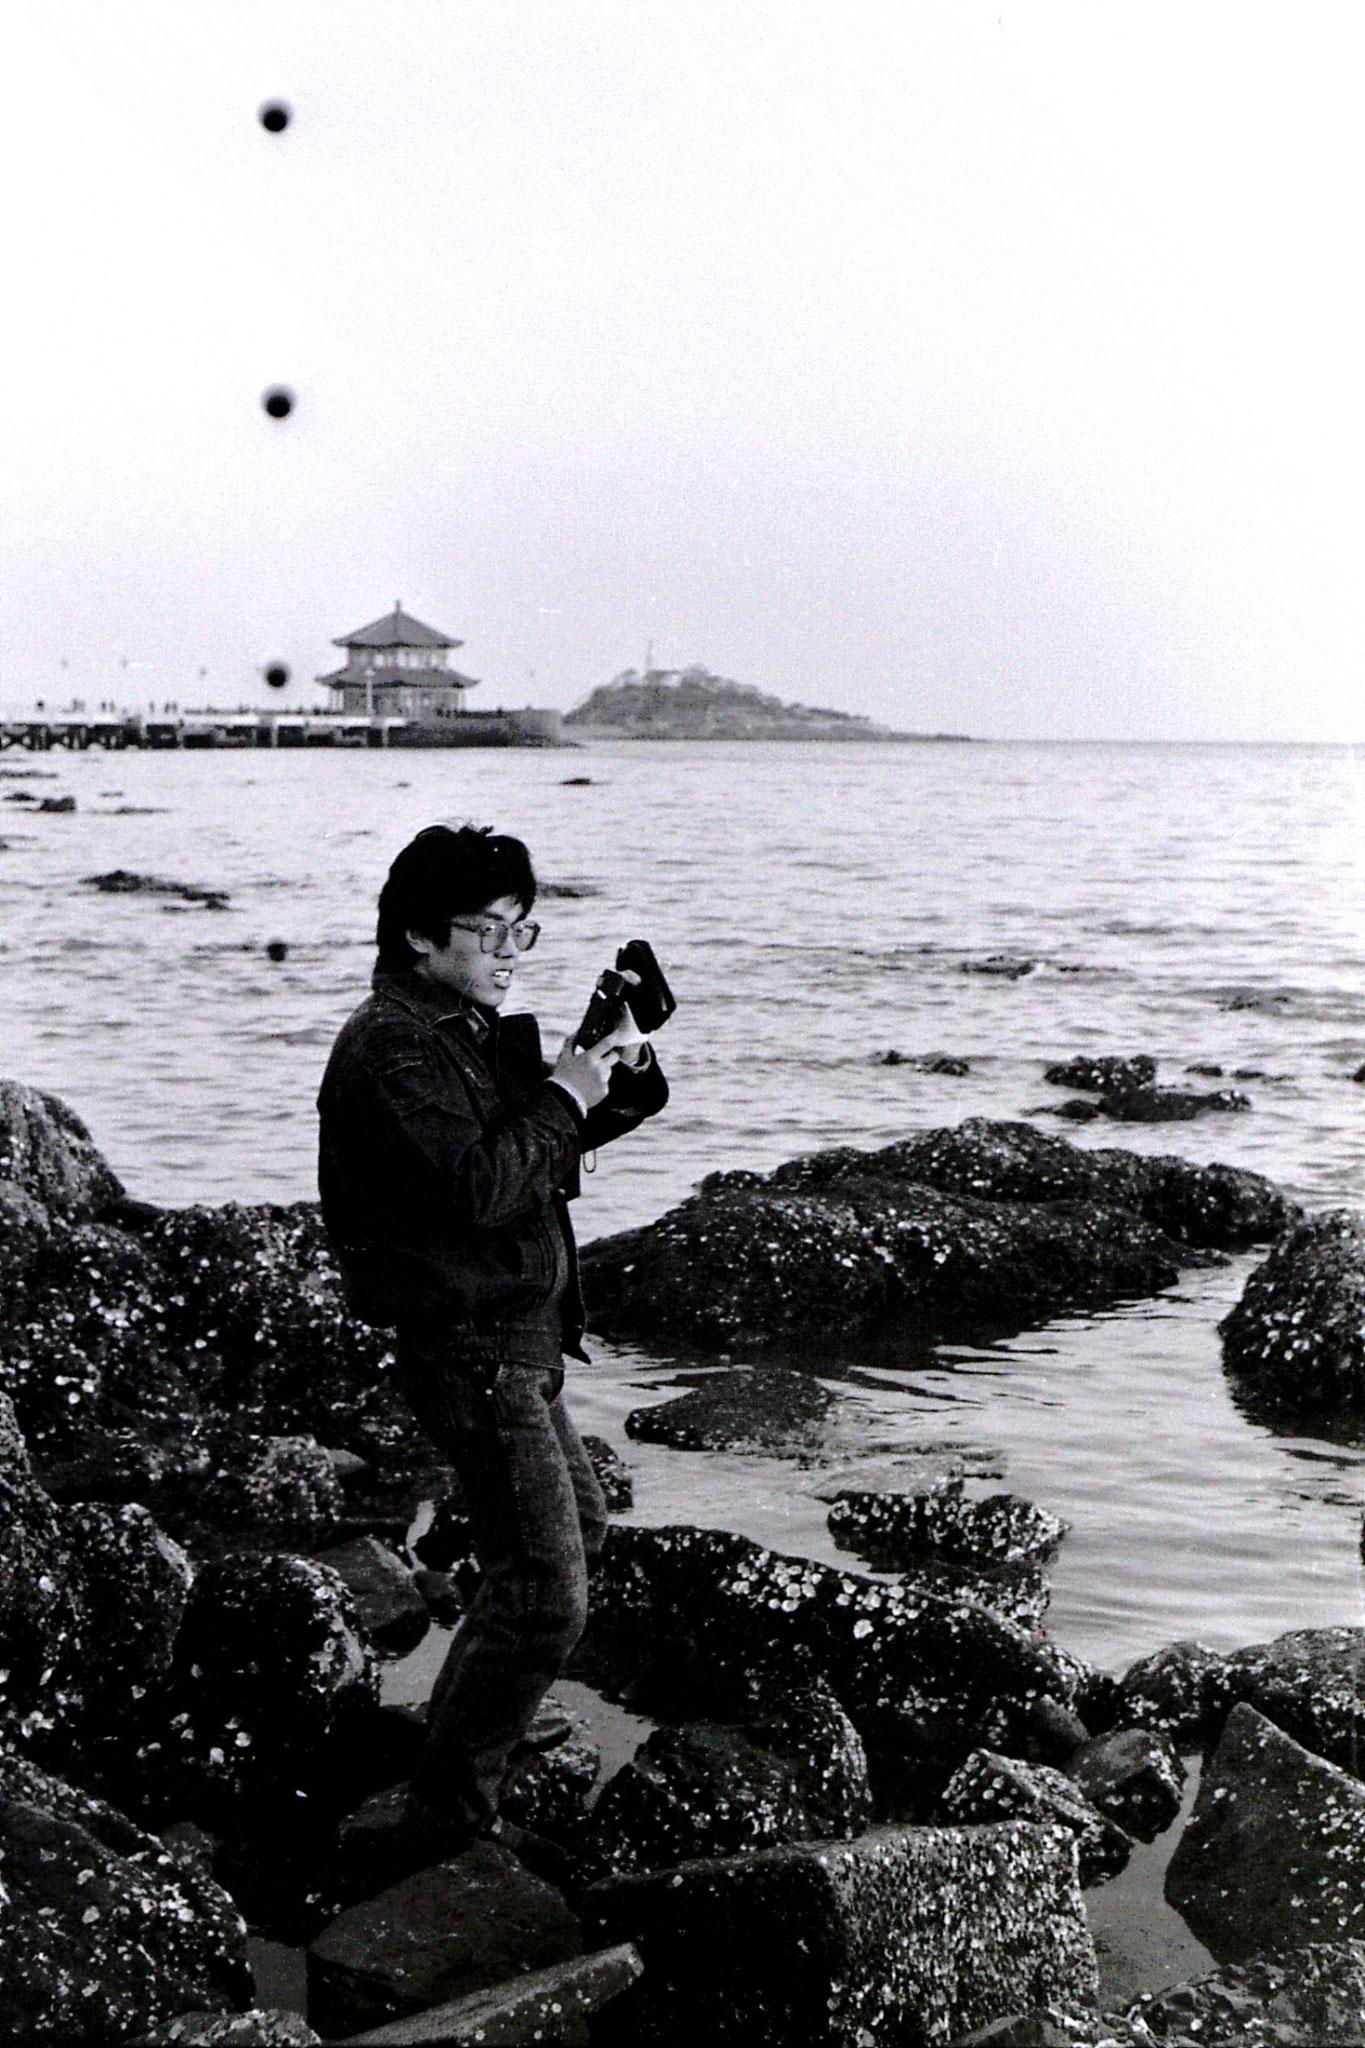 13/2/1989: 21: Qingdao